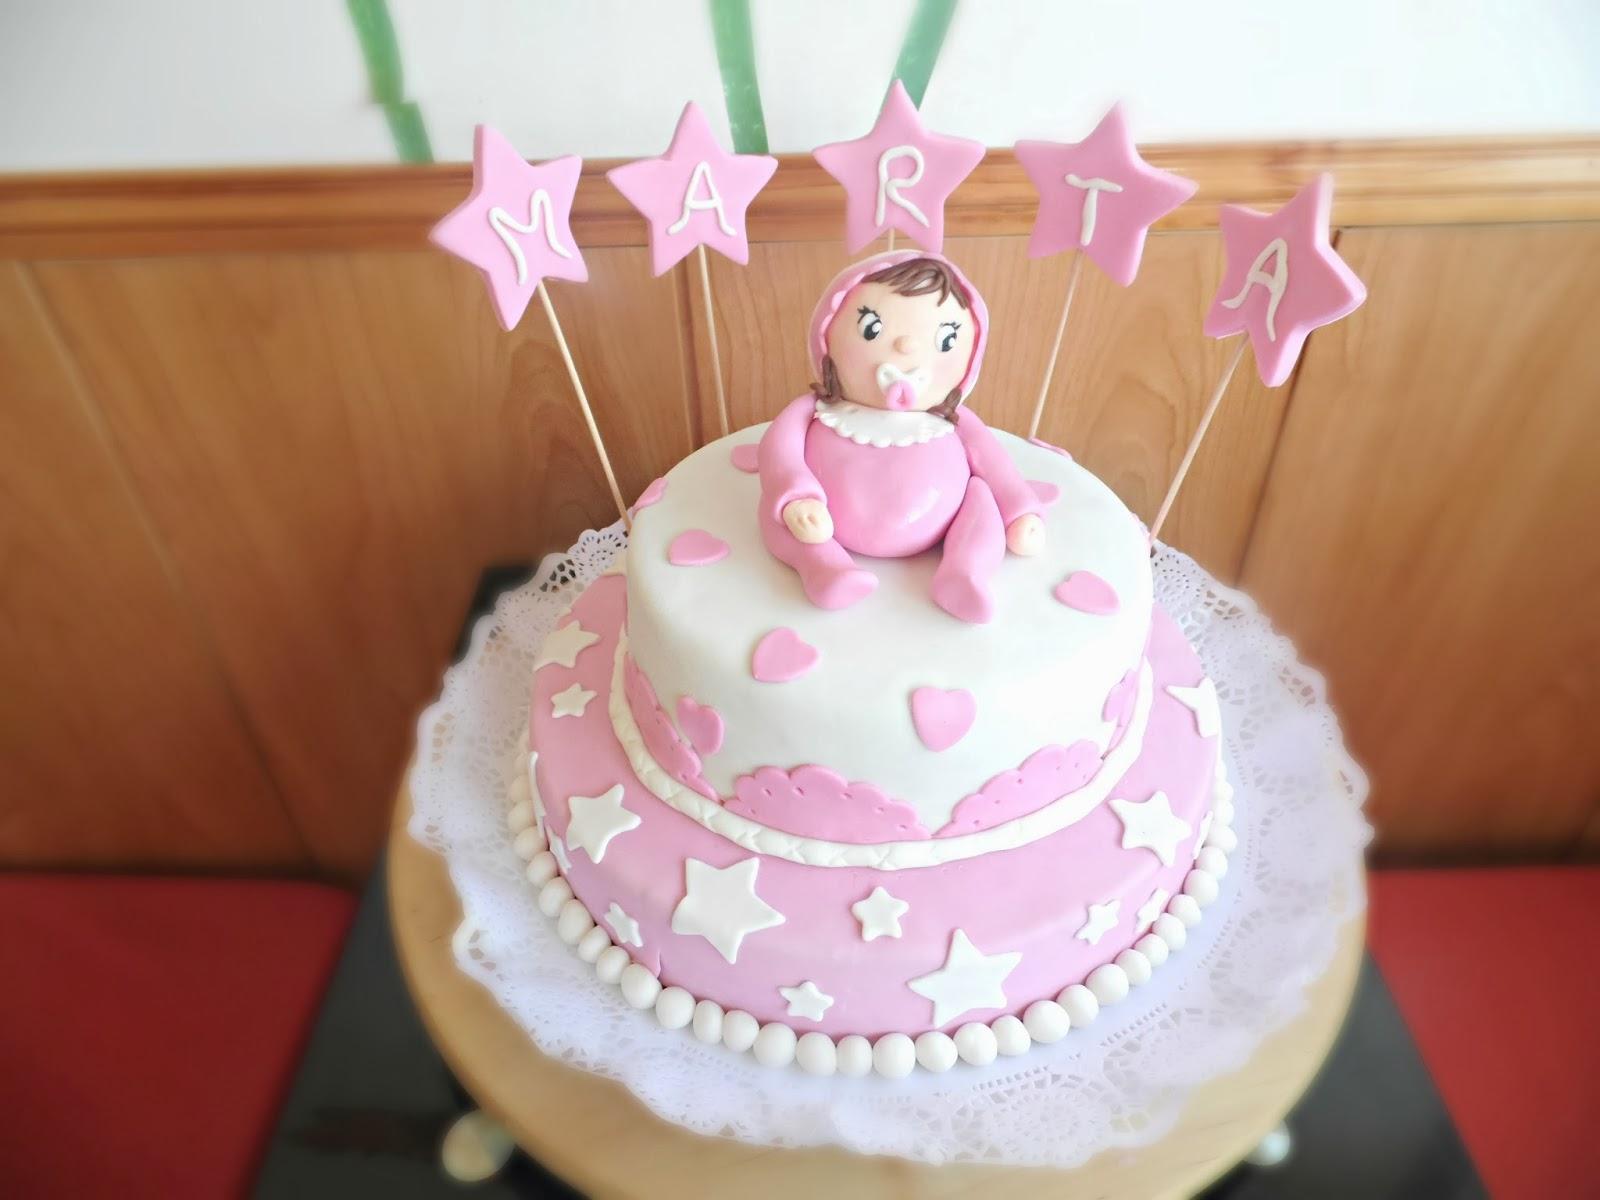 http://www.experimentando-enla-cocina.blogspot.com.es/2014/01/pastel-de-patata-para-dos-y-unas.html